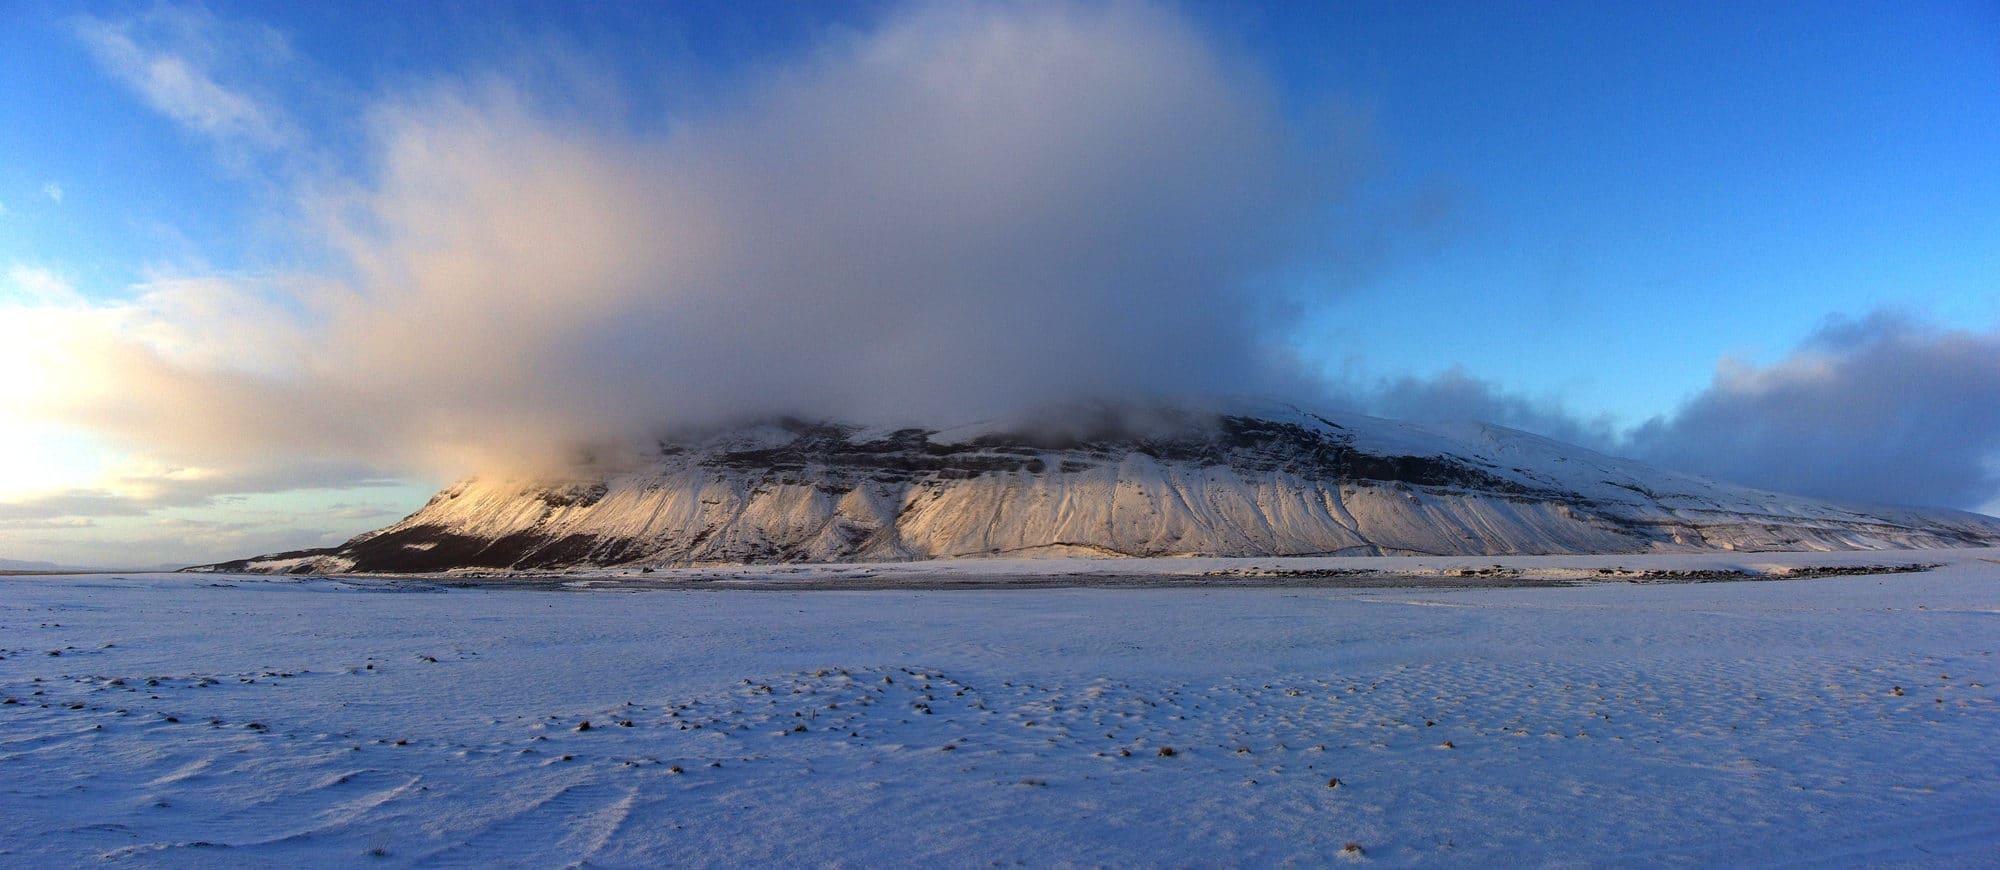 L'Islande au mois de novembre. 15h le soleil se couche.